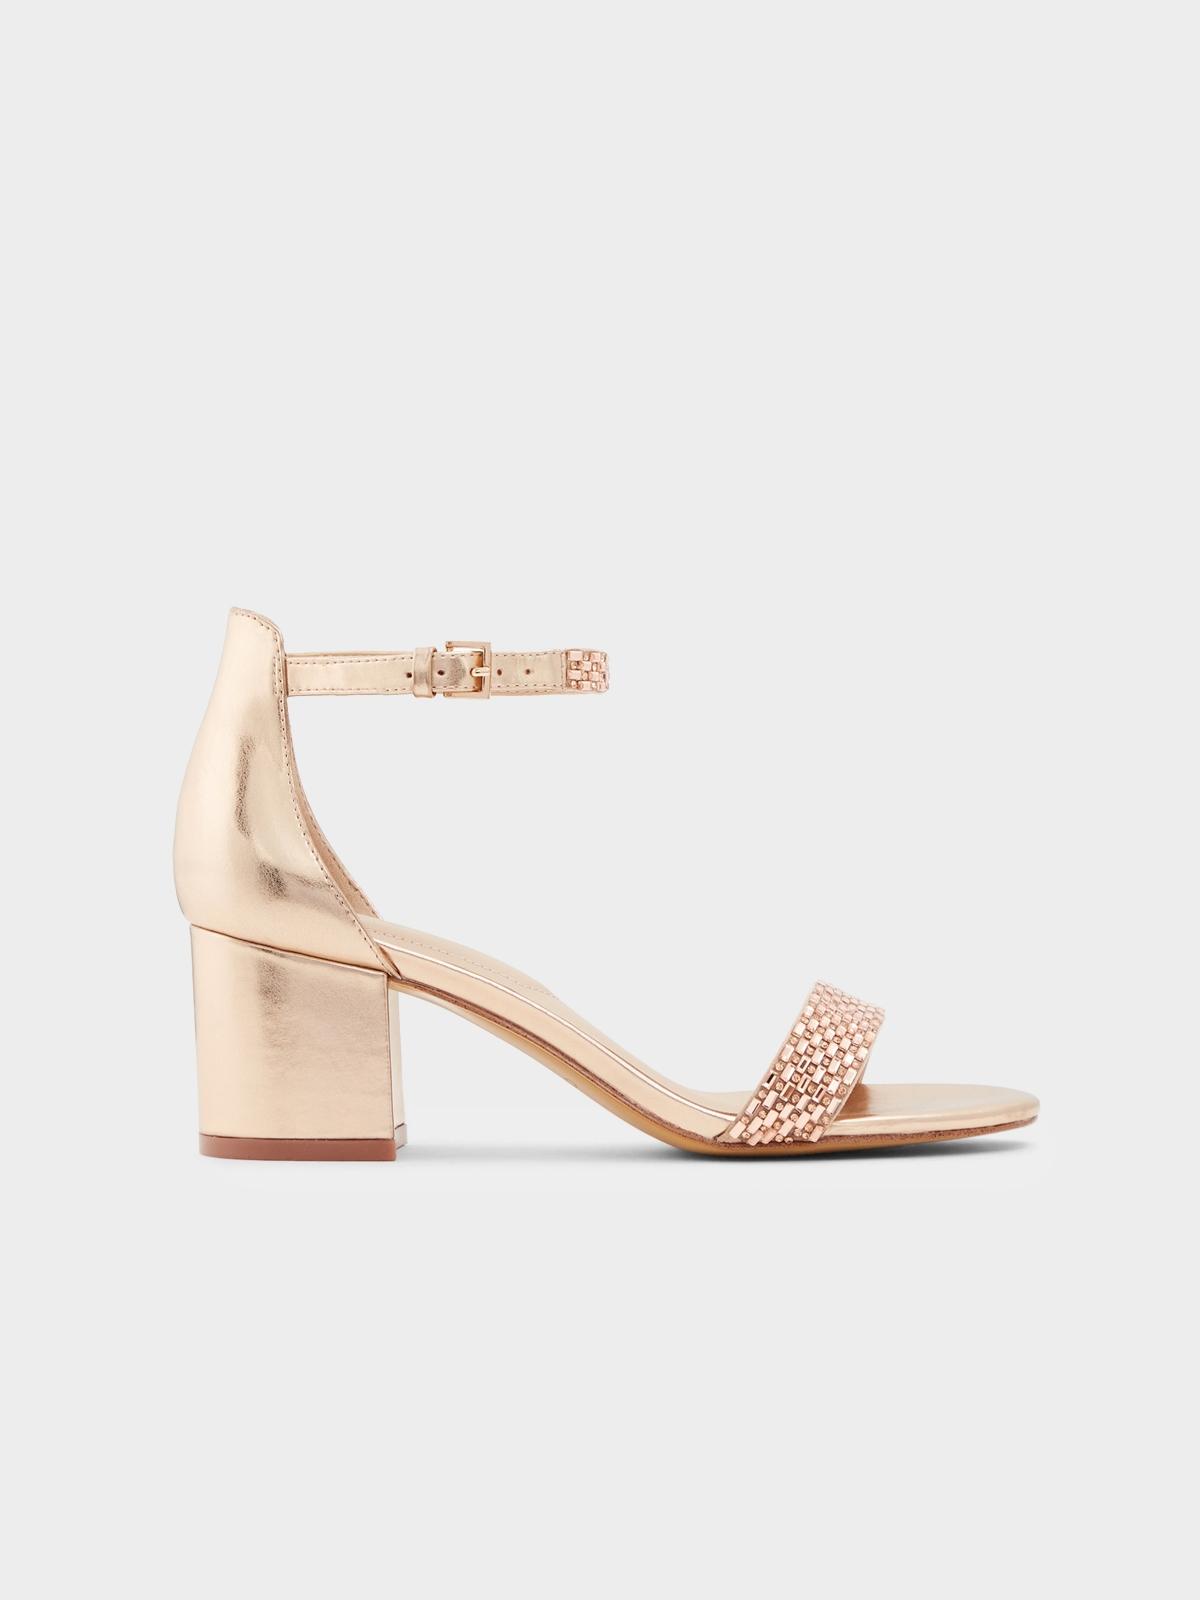 Aldo Vanami Block Heels Pink Gold